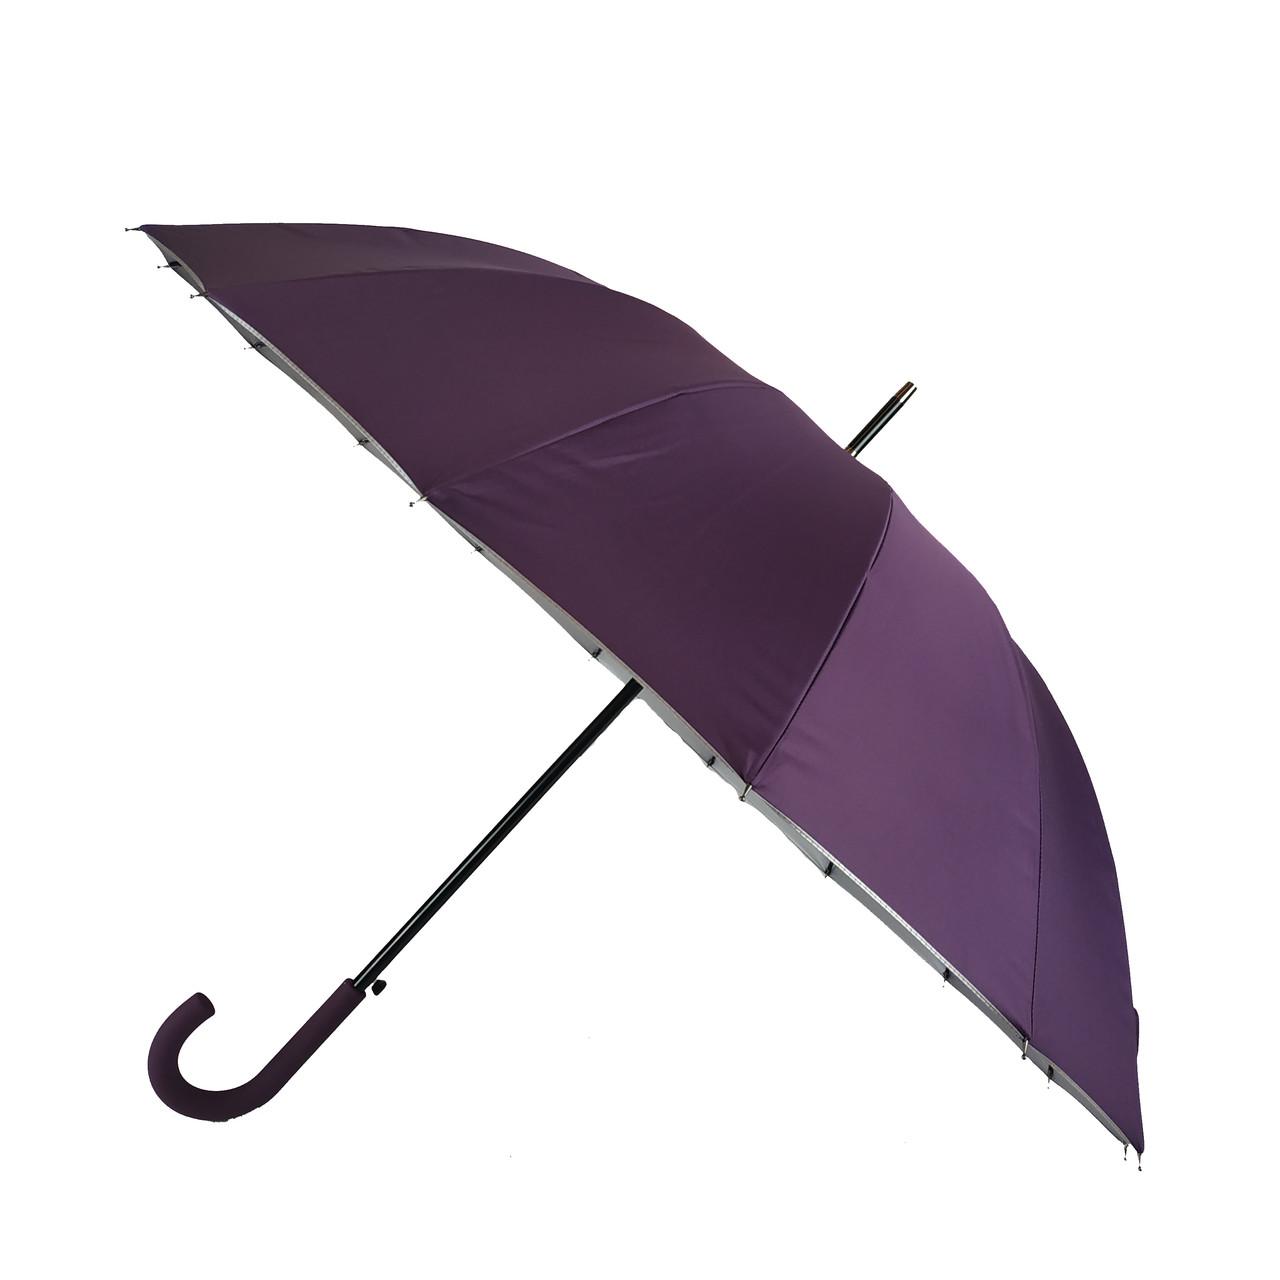 Женский зонт-трость с городами на серебристом напылении под куполом от Calm Rain, фиолетовый, 1011-5